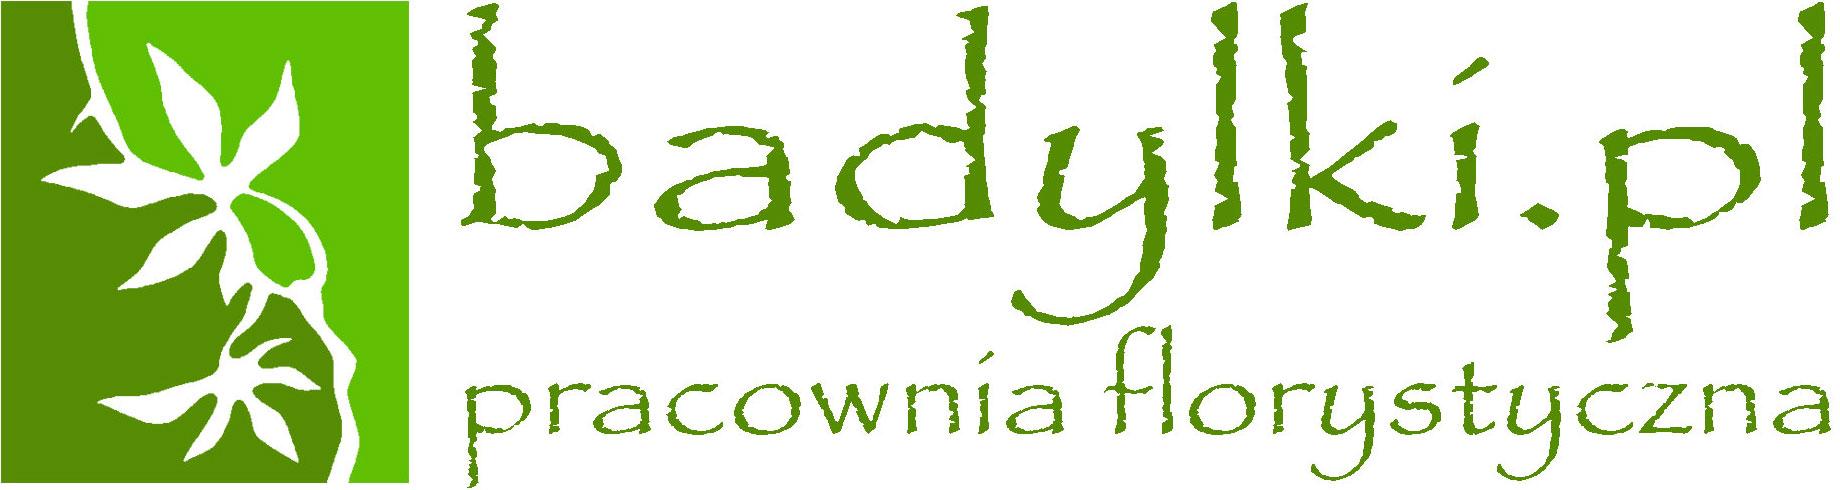 Badylki.pl